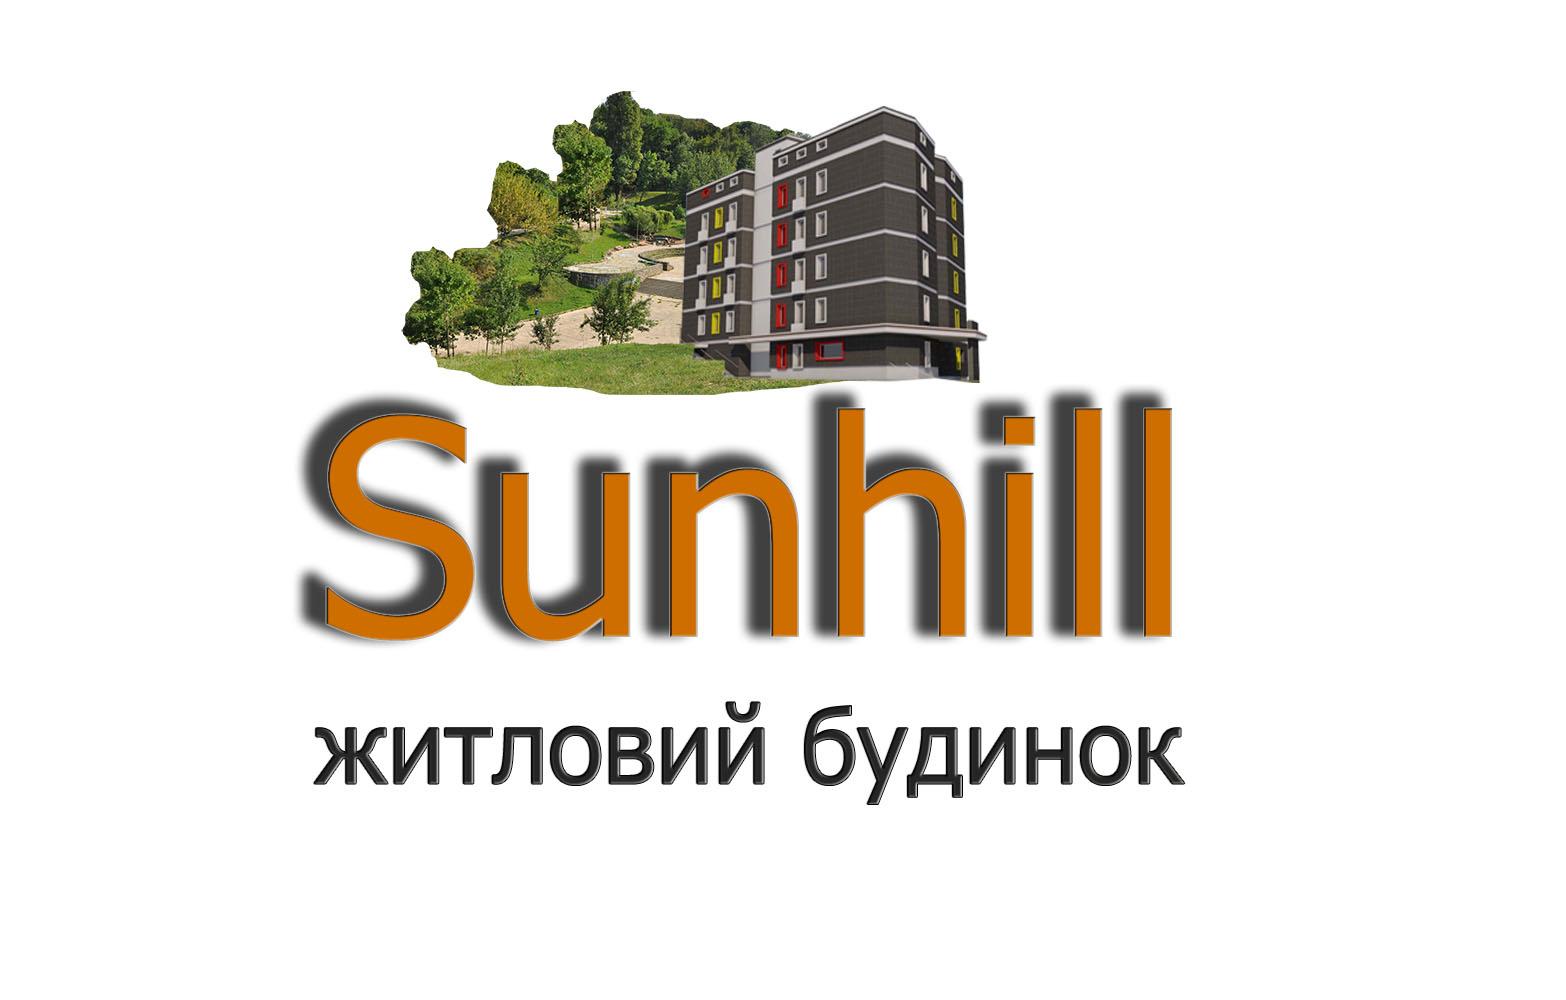 Бухгалтерское сопровождение ФЛП | Sunhill ➨ Наши клиенты